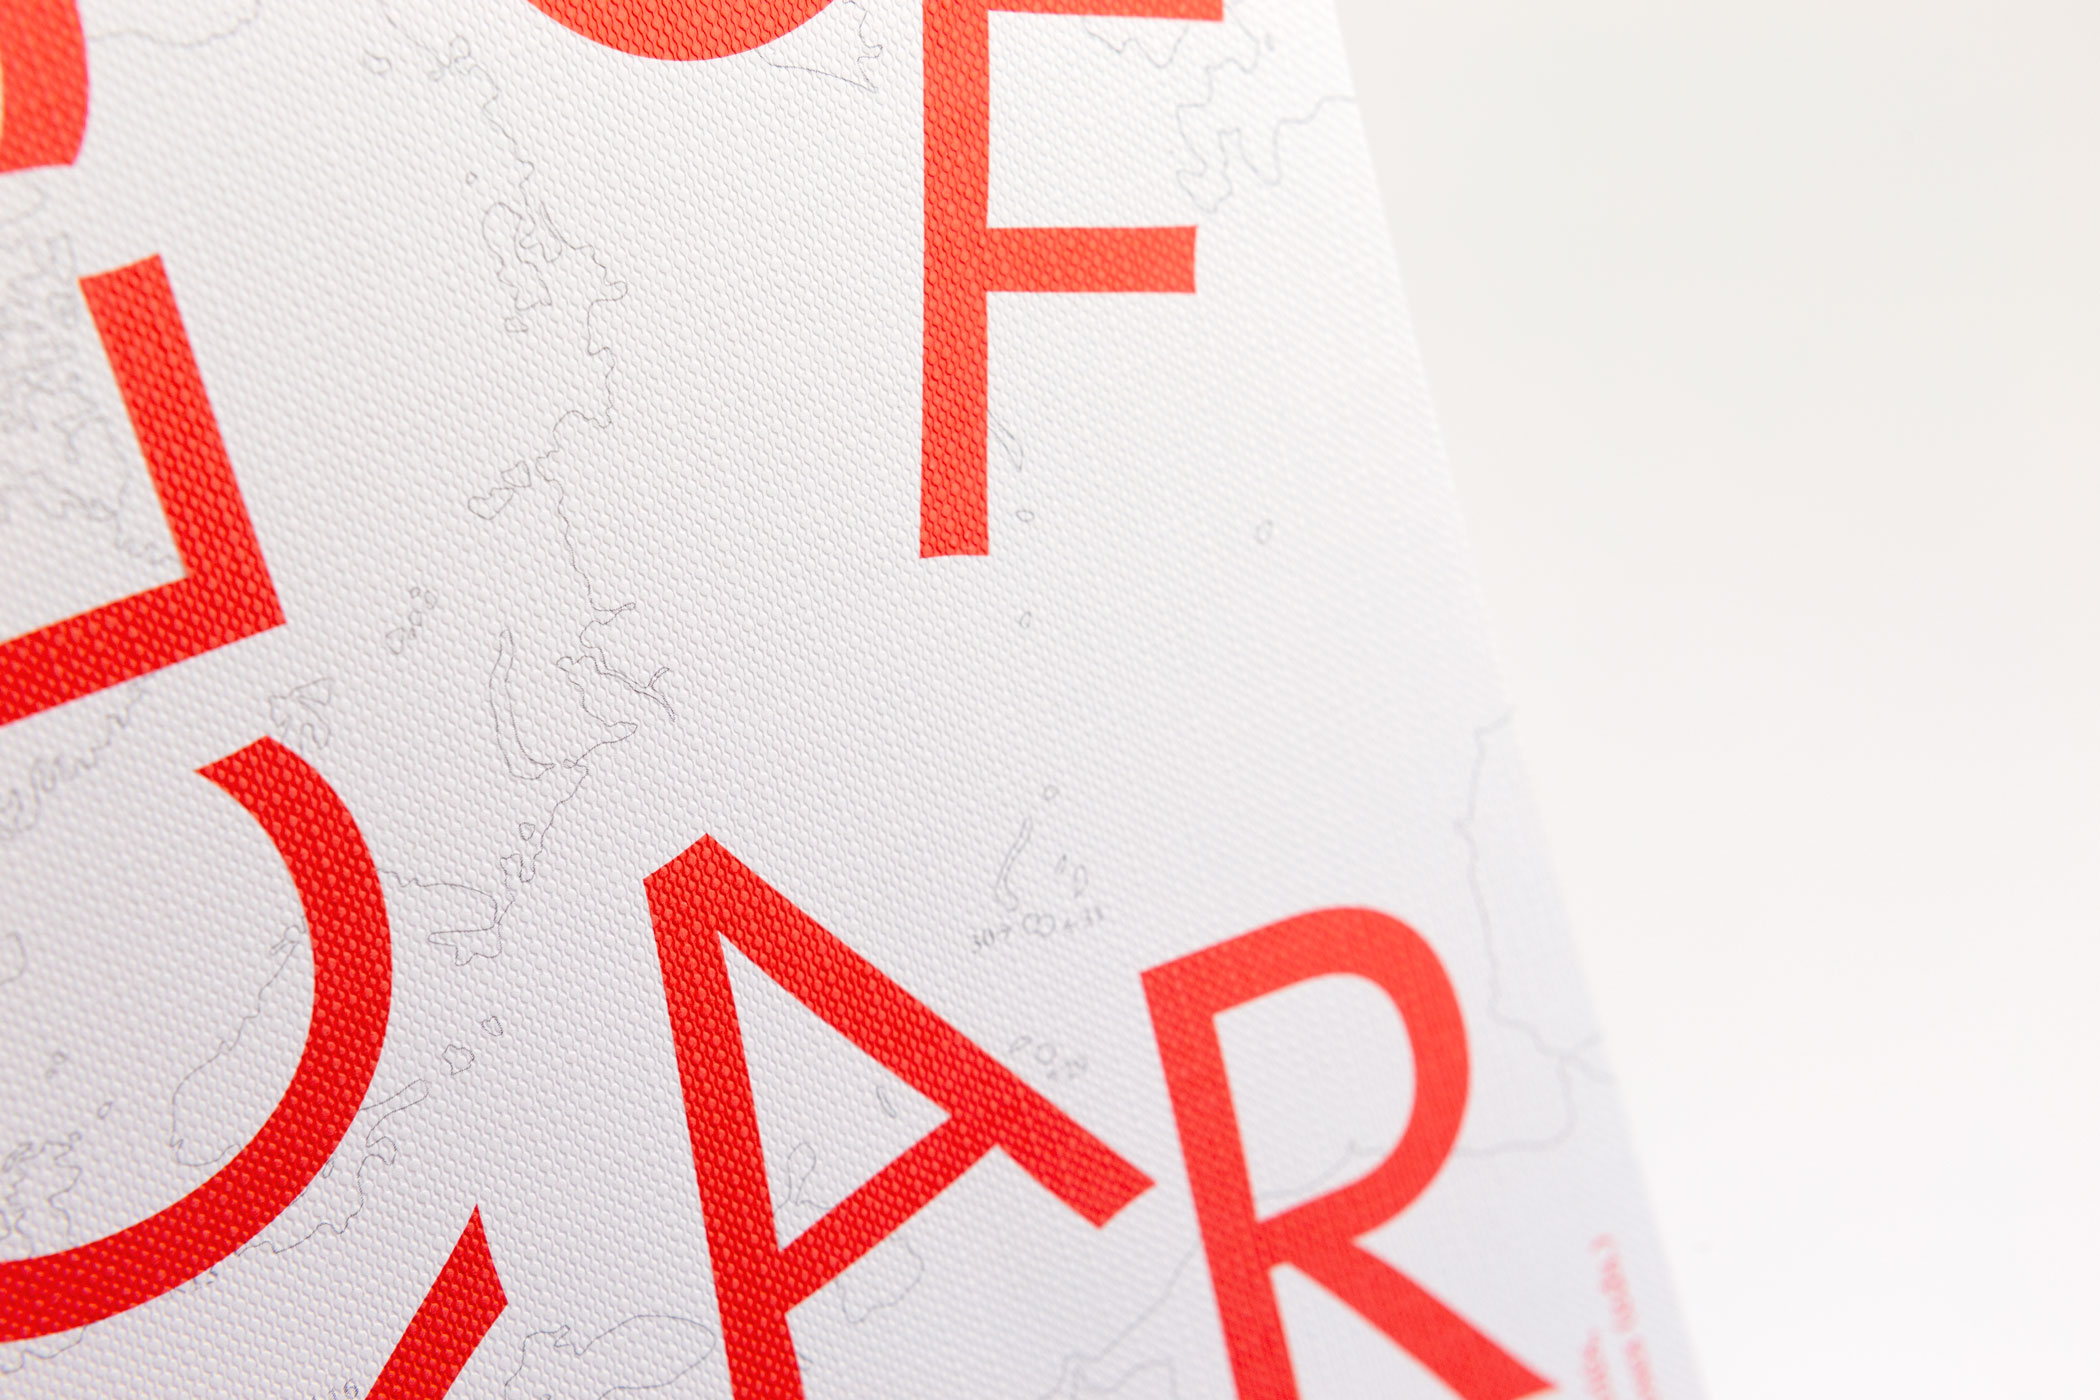 Lu Liang en The Exercises kwamen langs de Monsterkamer om papier uit te zoeken voor Forces of Art.